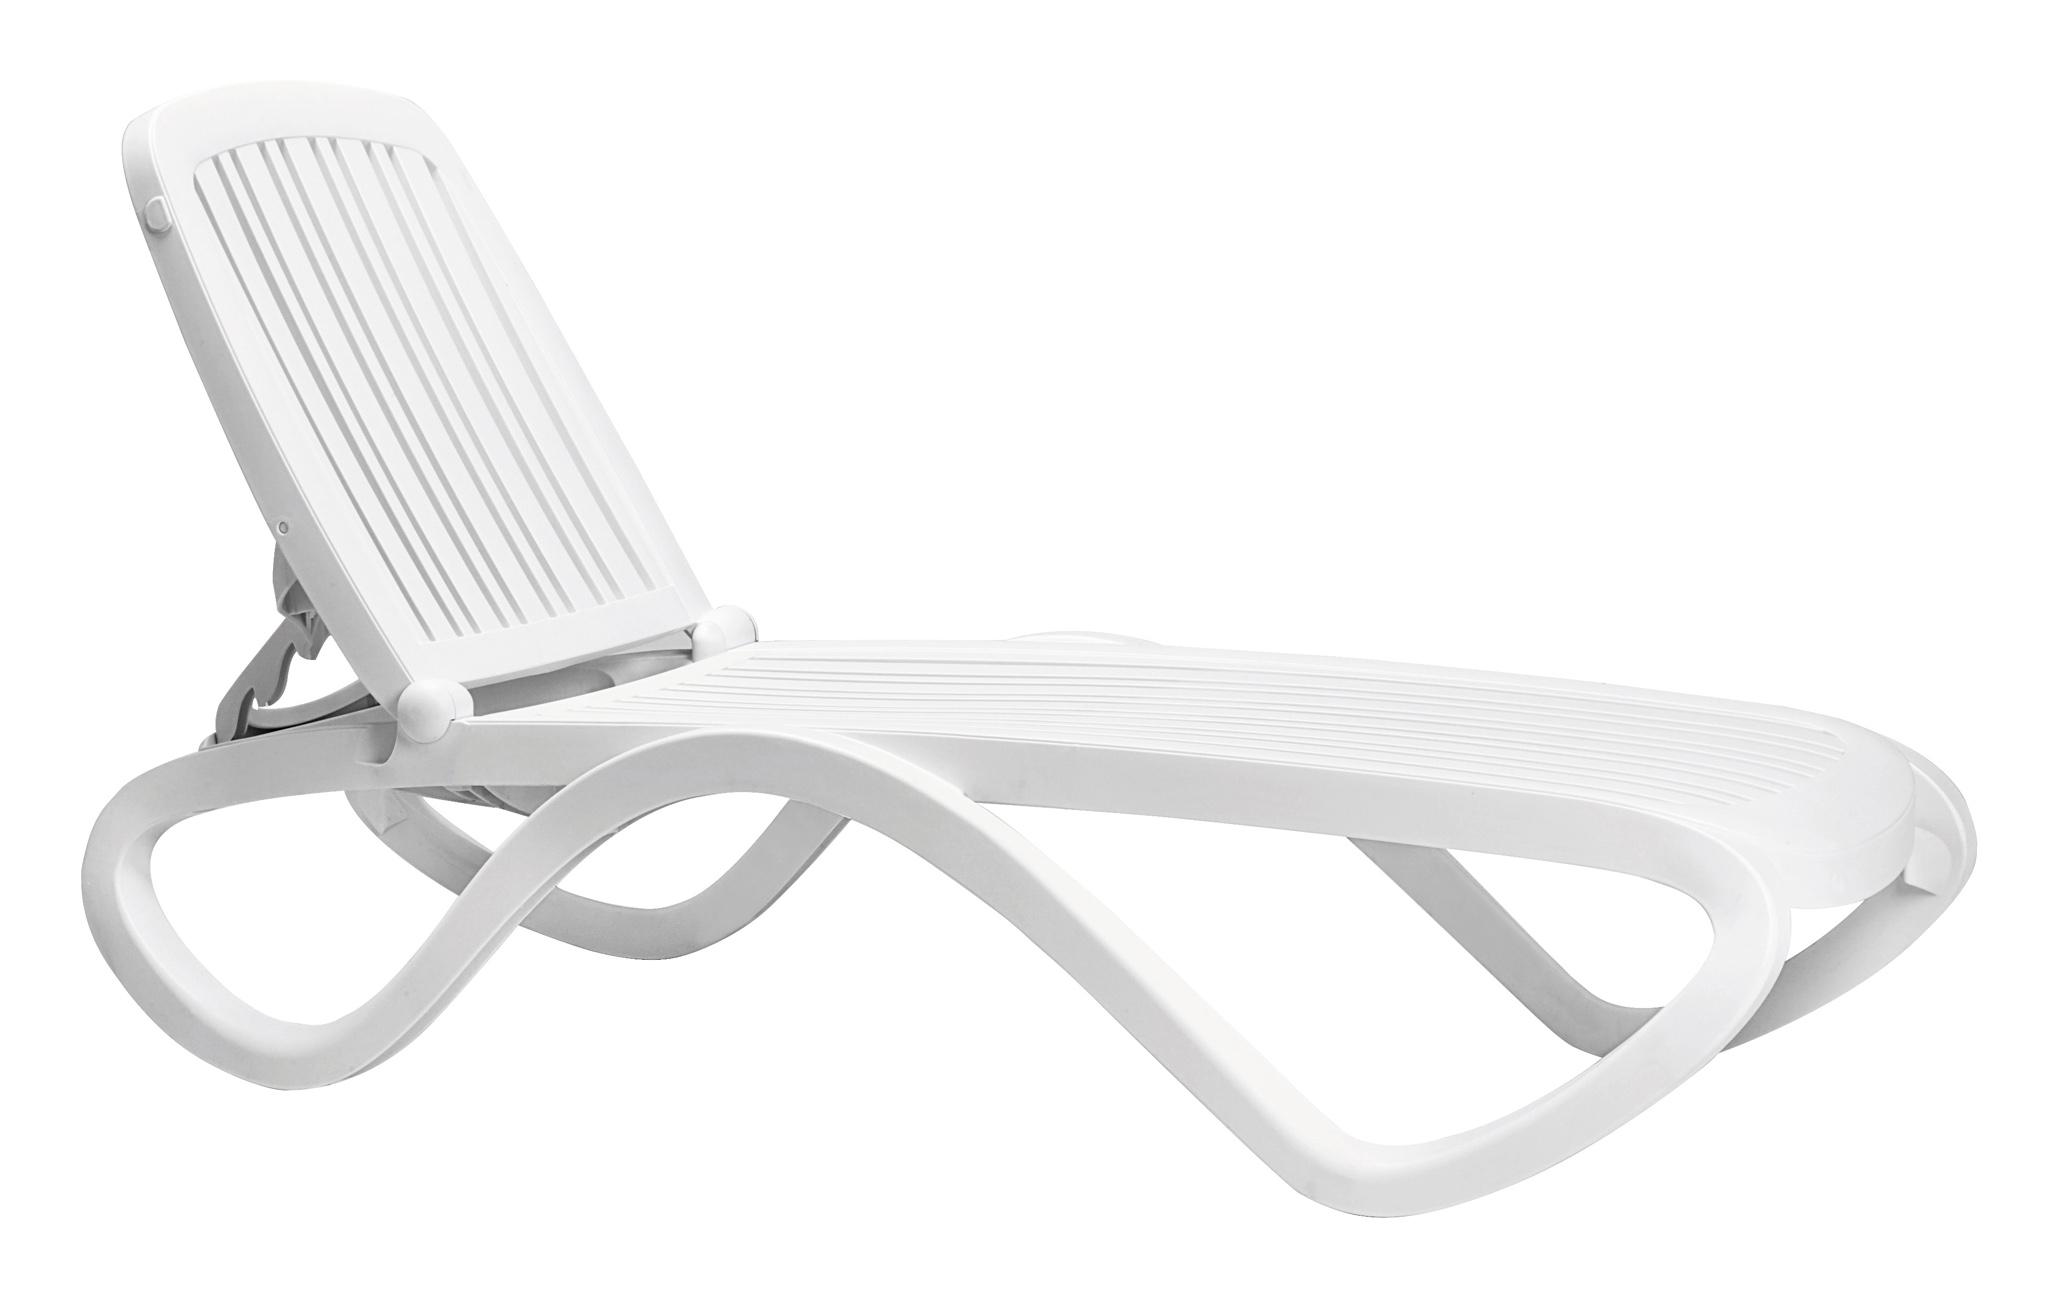 Leżak ogrodowy tropico nardi biały